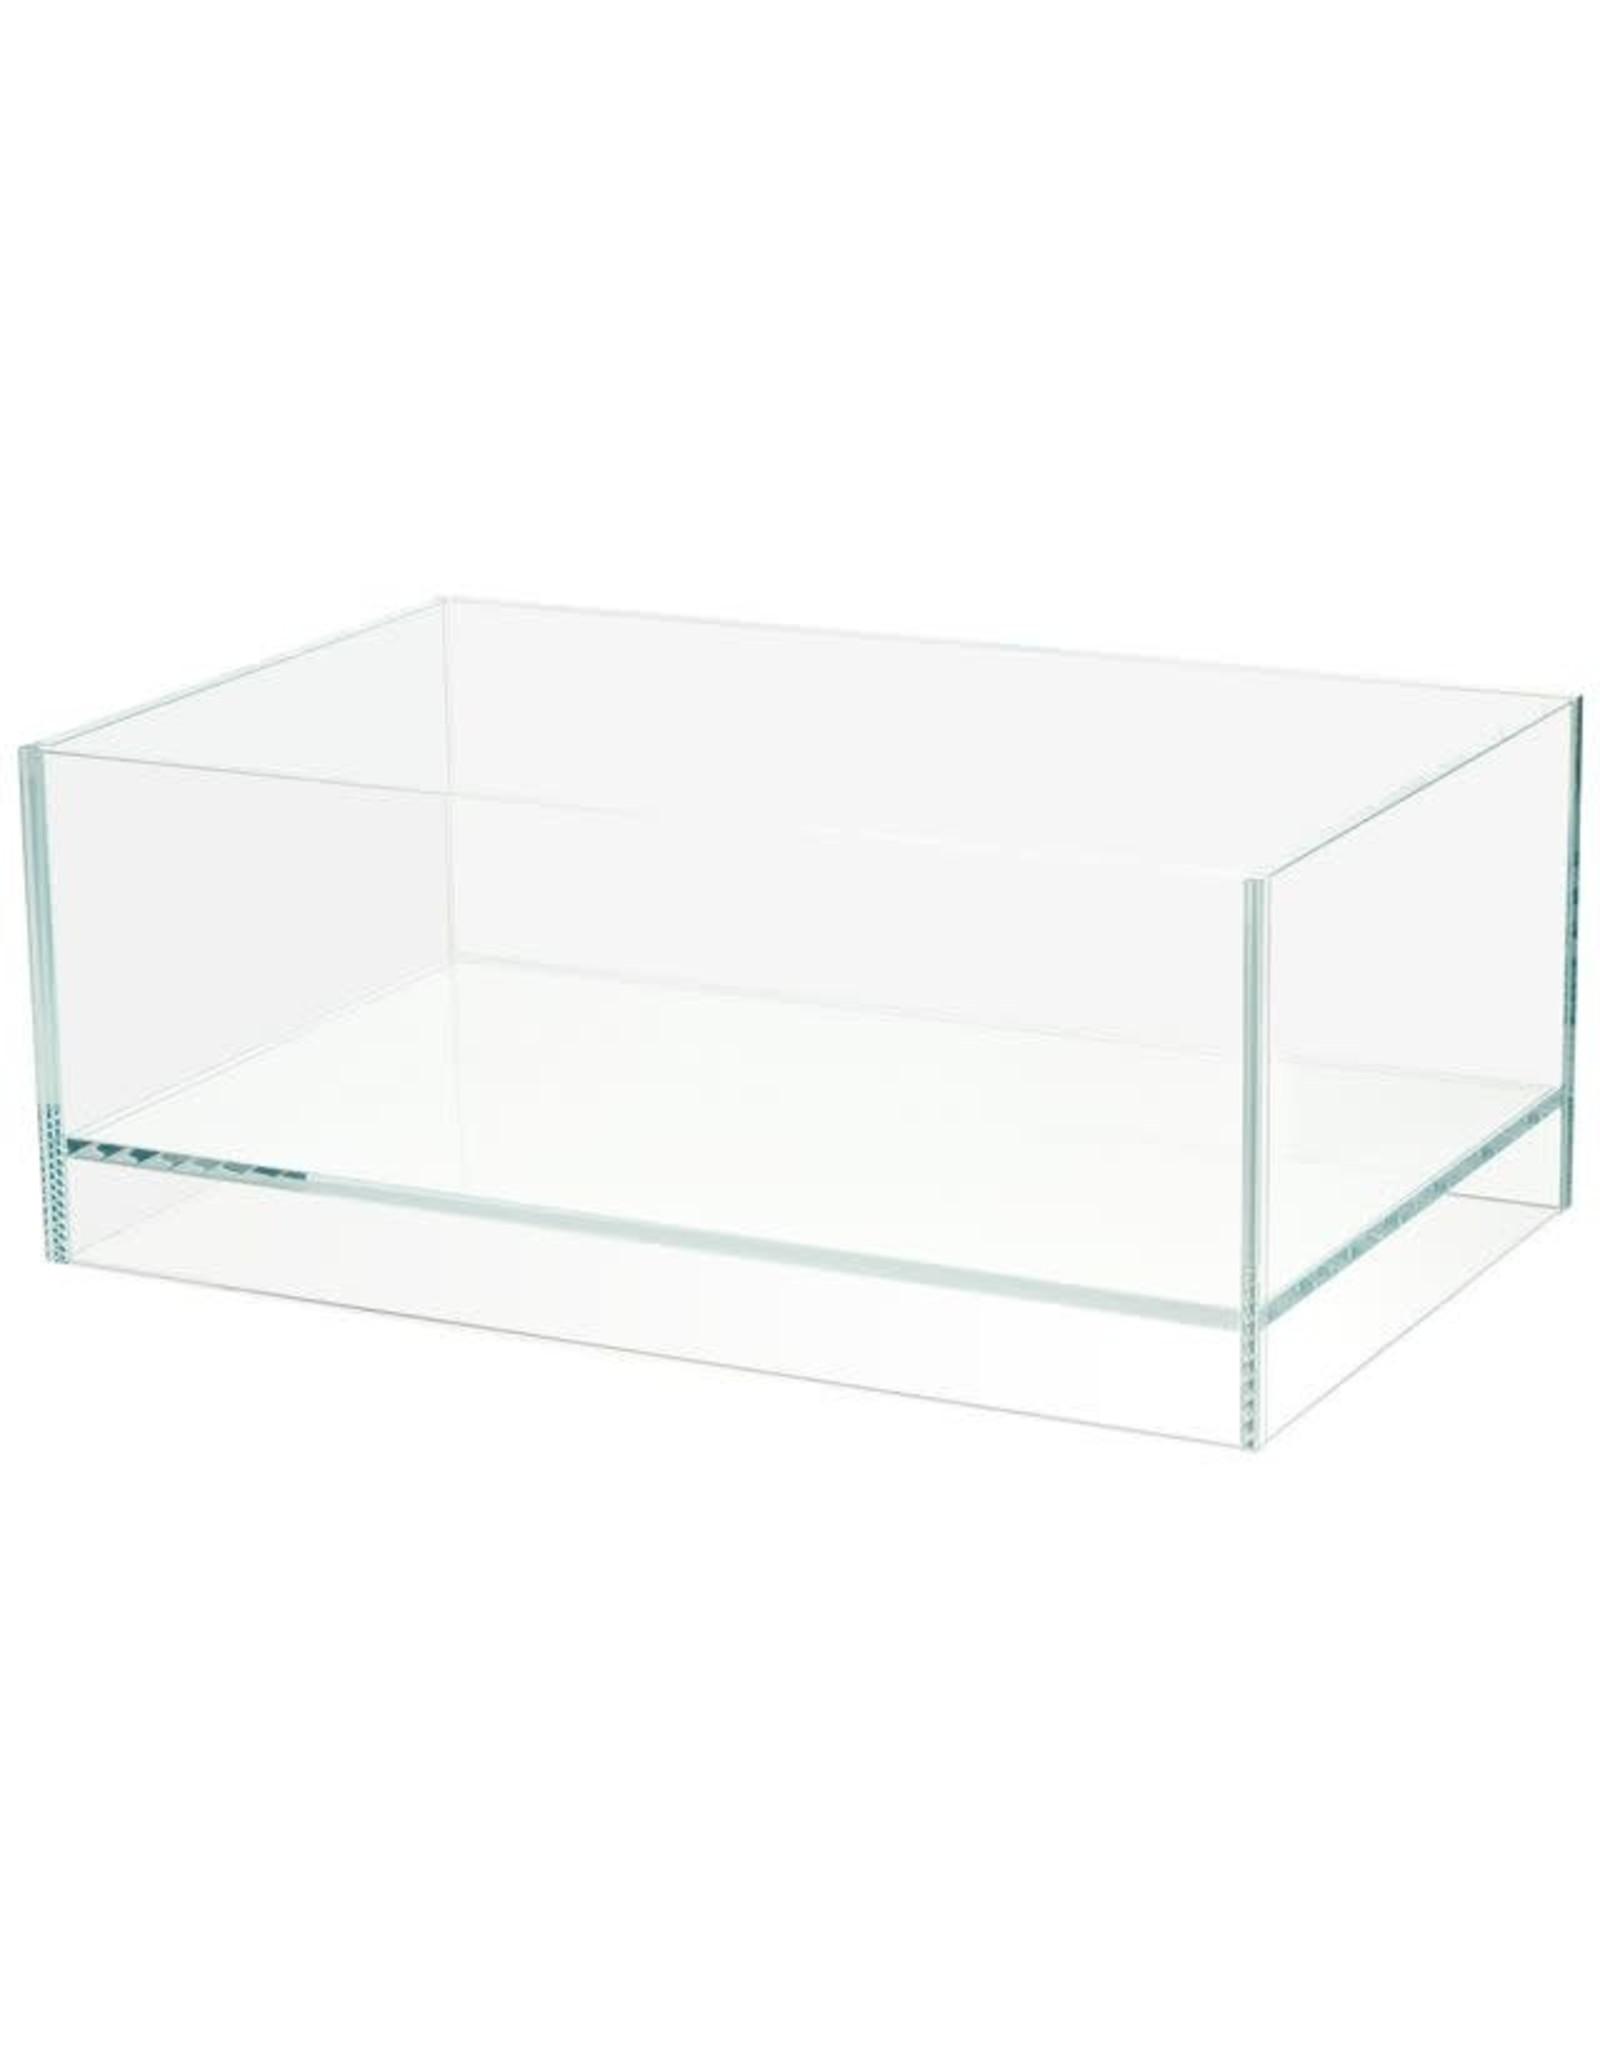 DOOA DOOA Neo Glass AIR 30x18x12cm